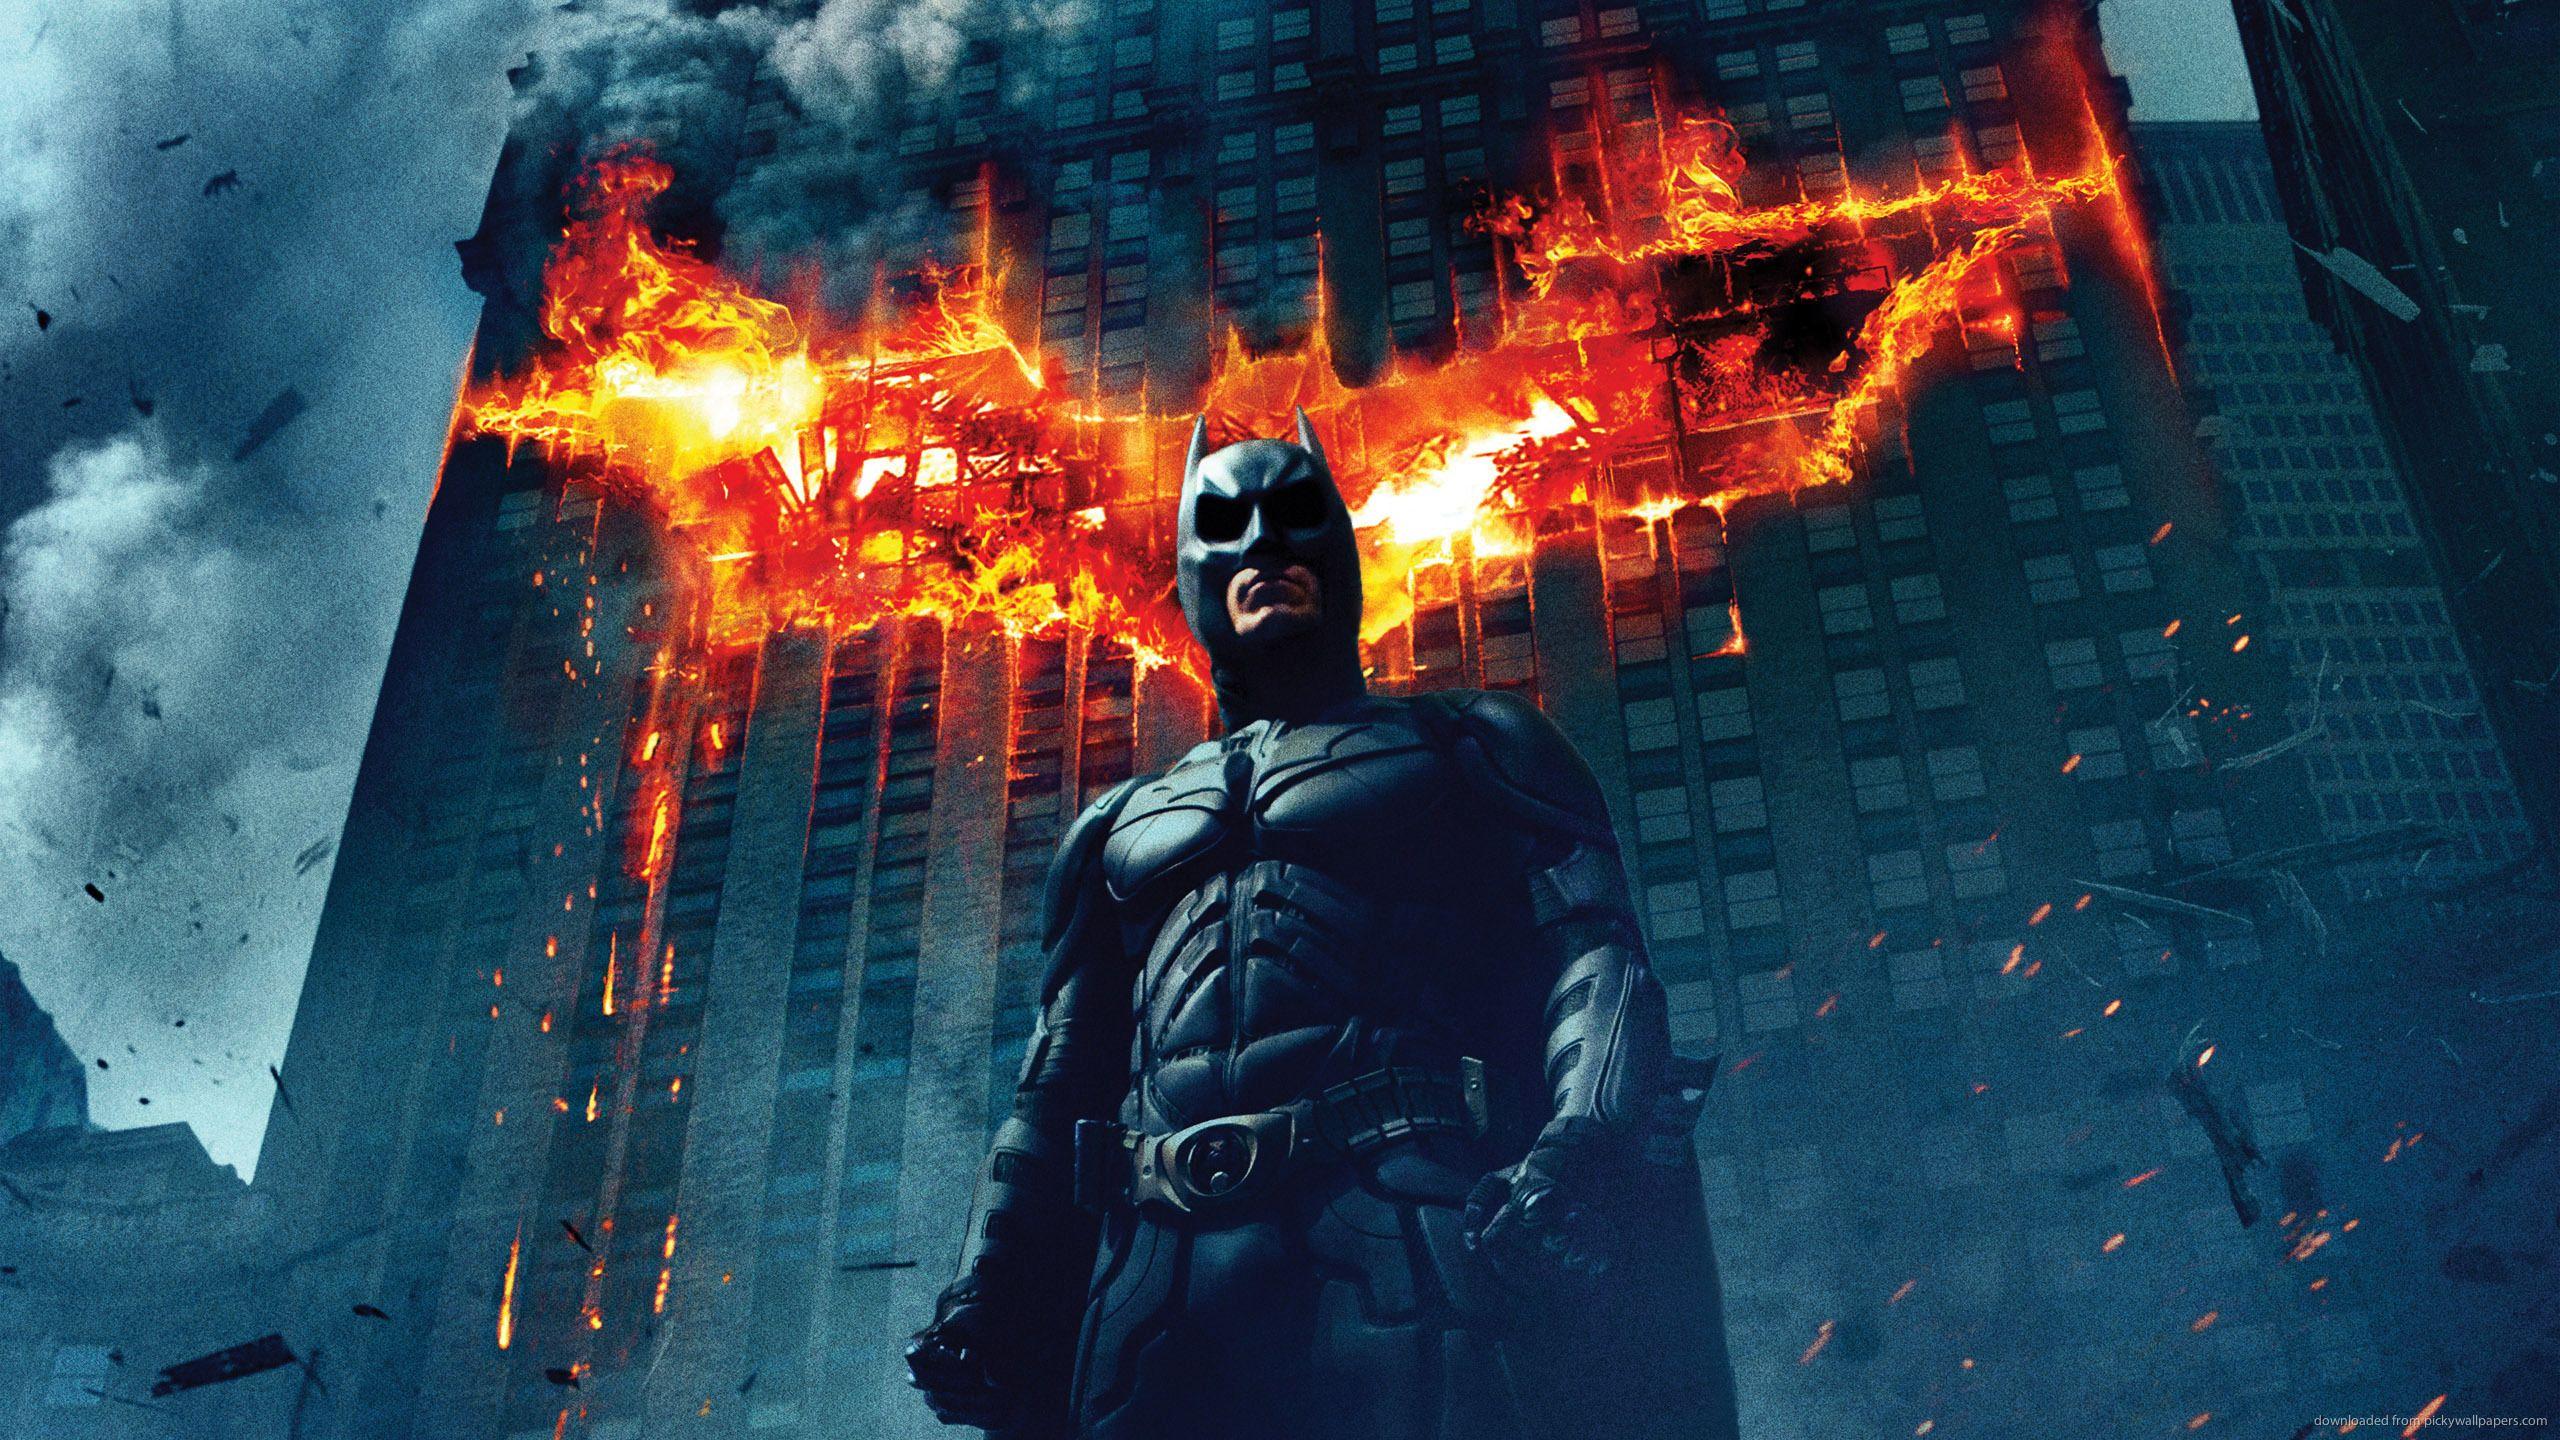 Movie hd download: the dark knight (2008).